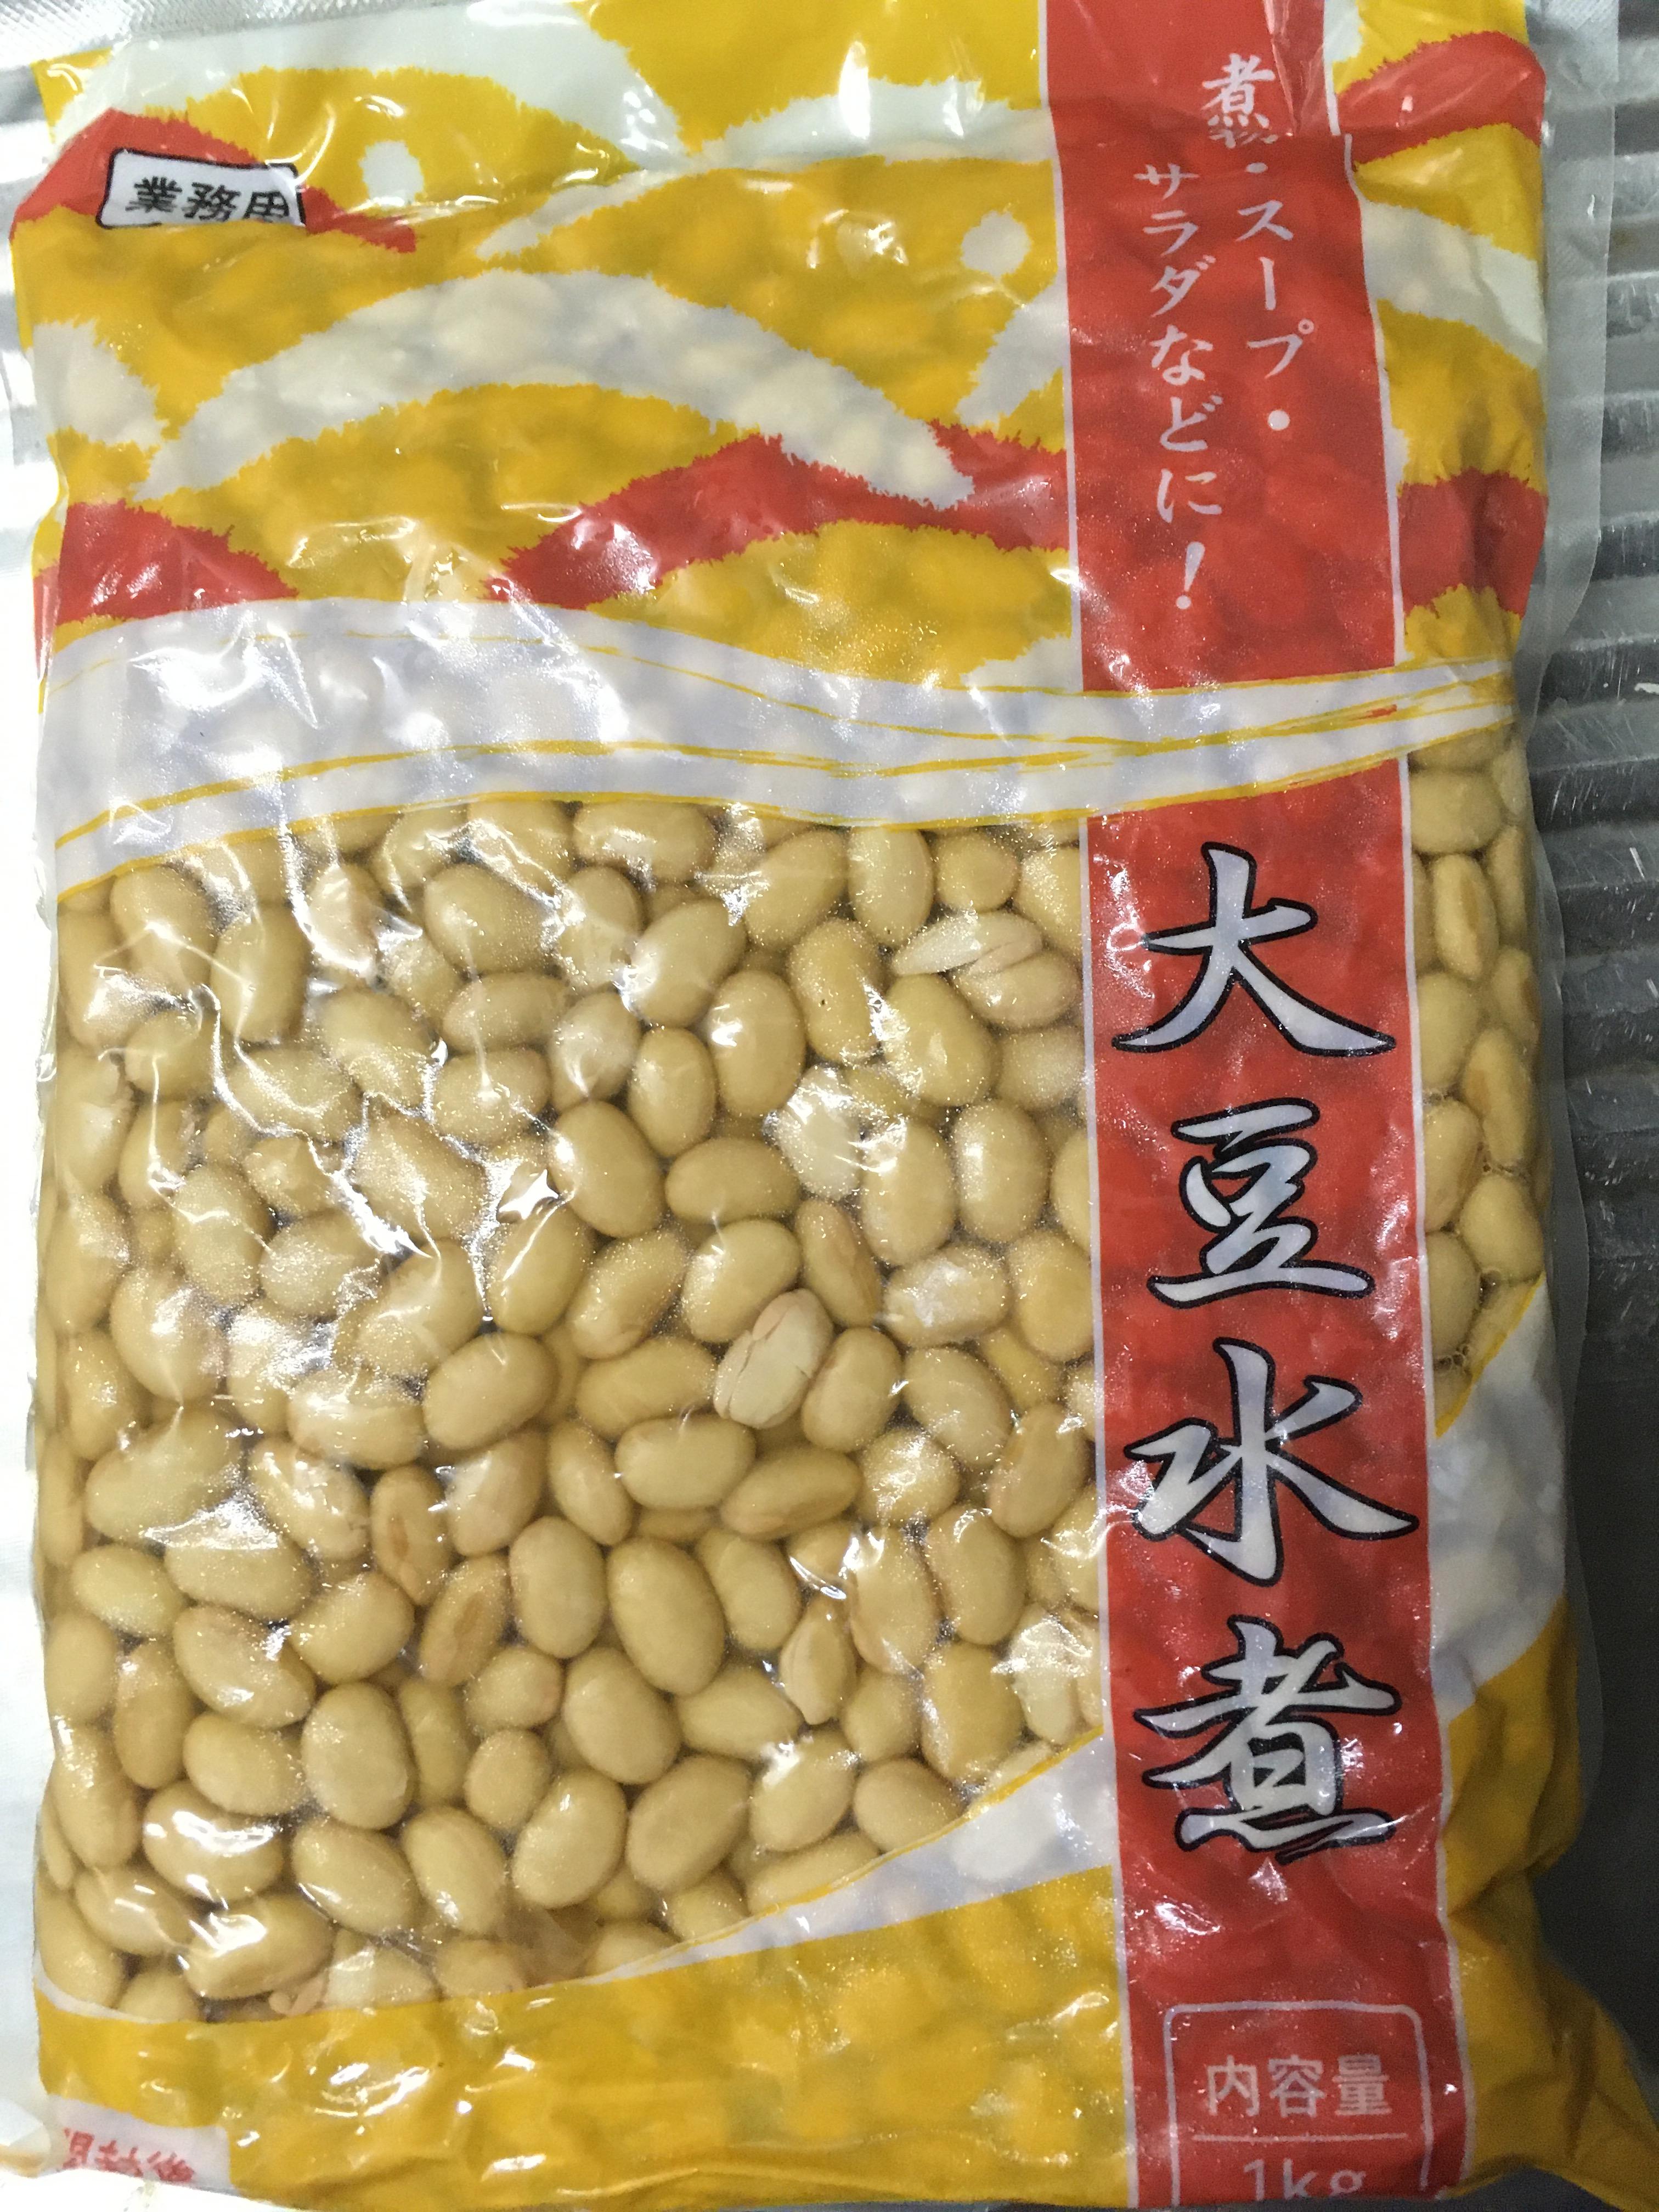 業務用スーパーの大豆